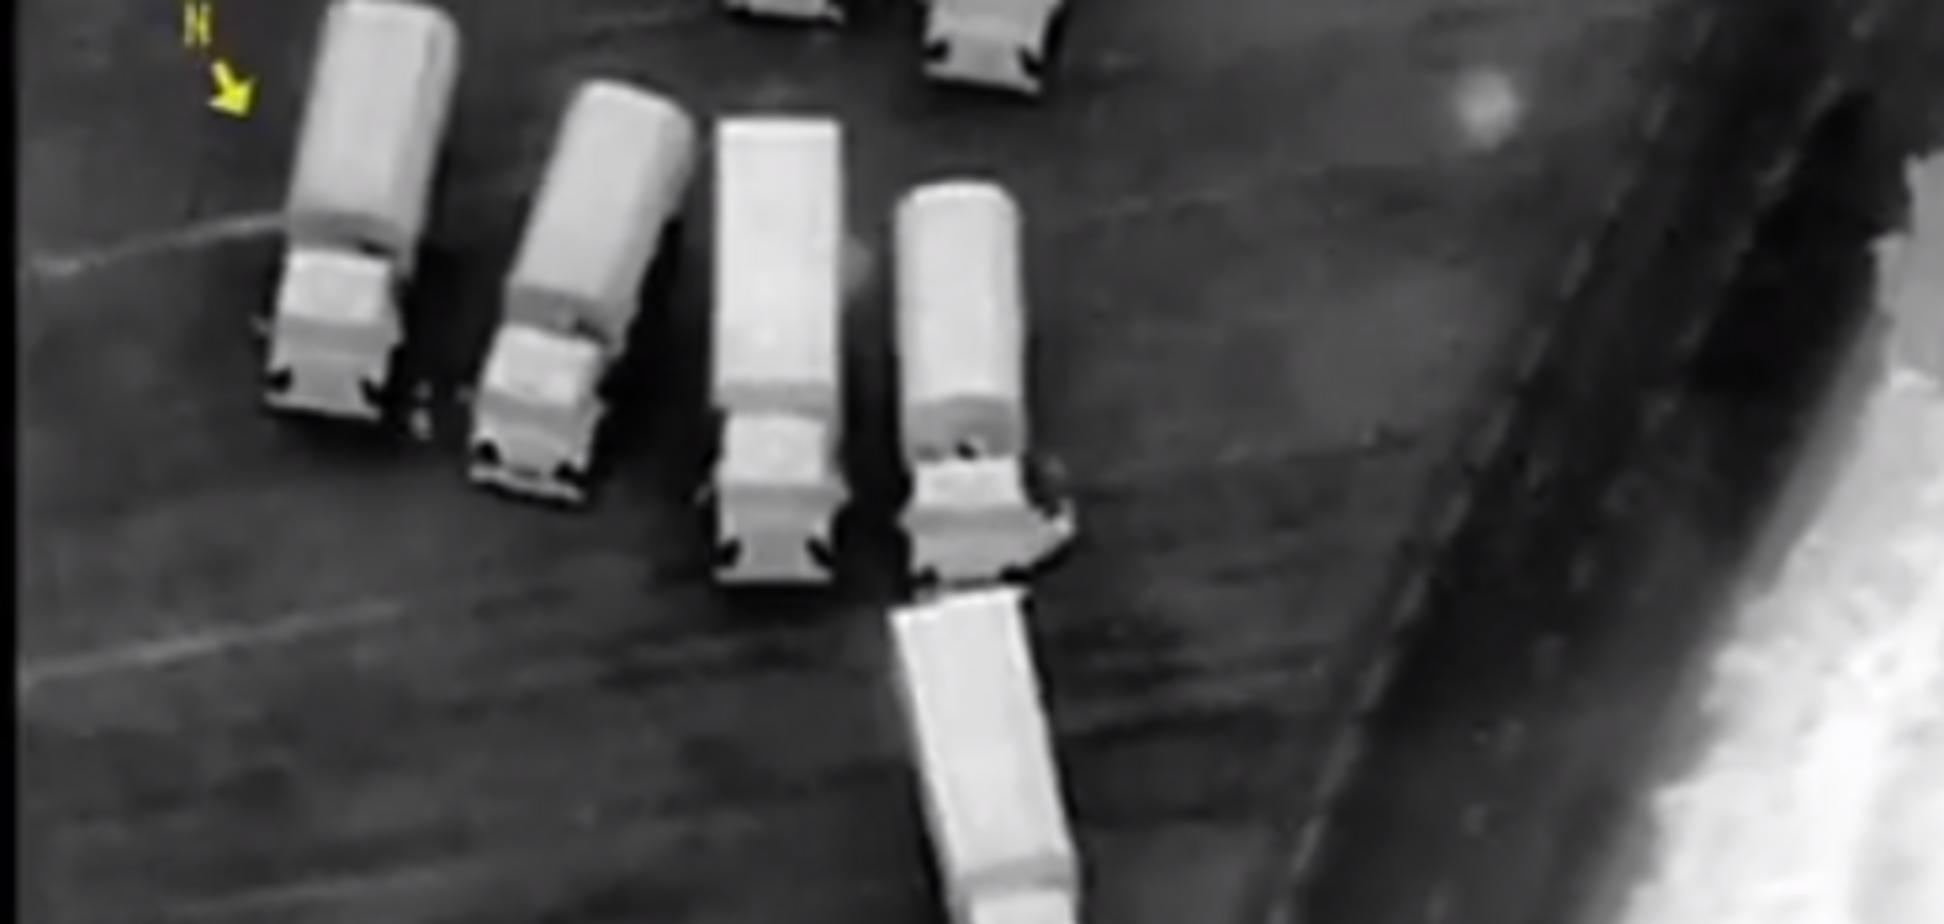 Росія вночі ввела в Україну військову техніку: з'явилися секретні кадри